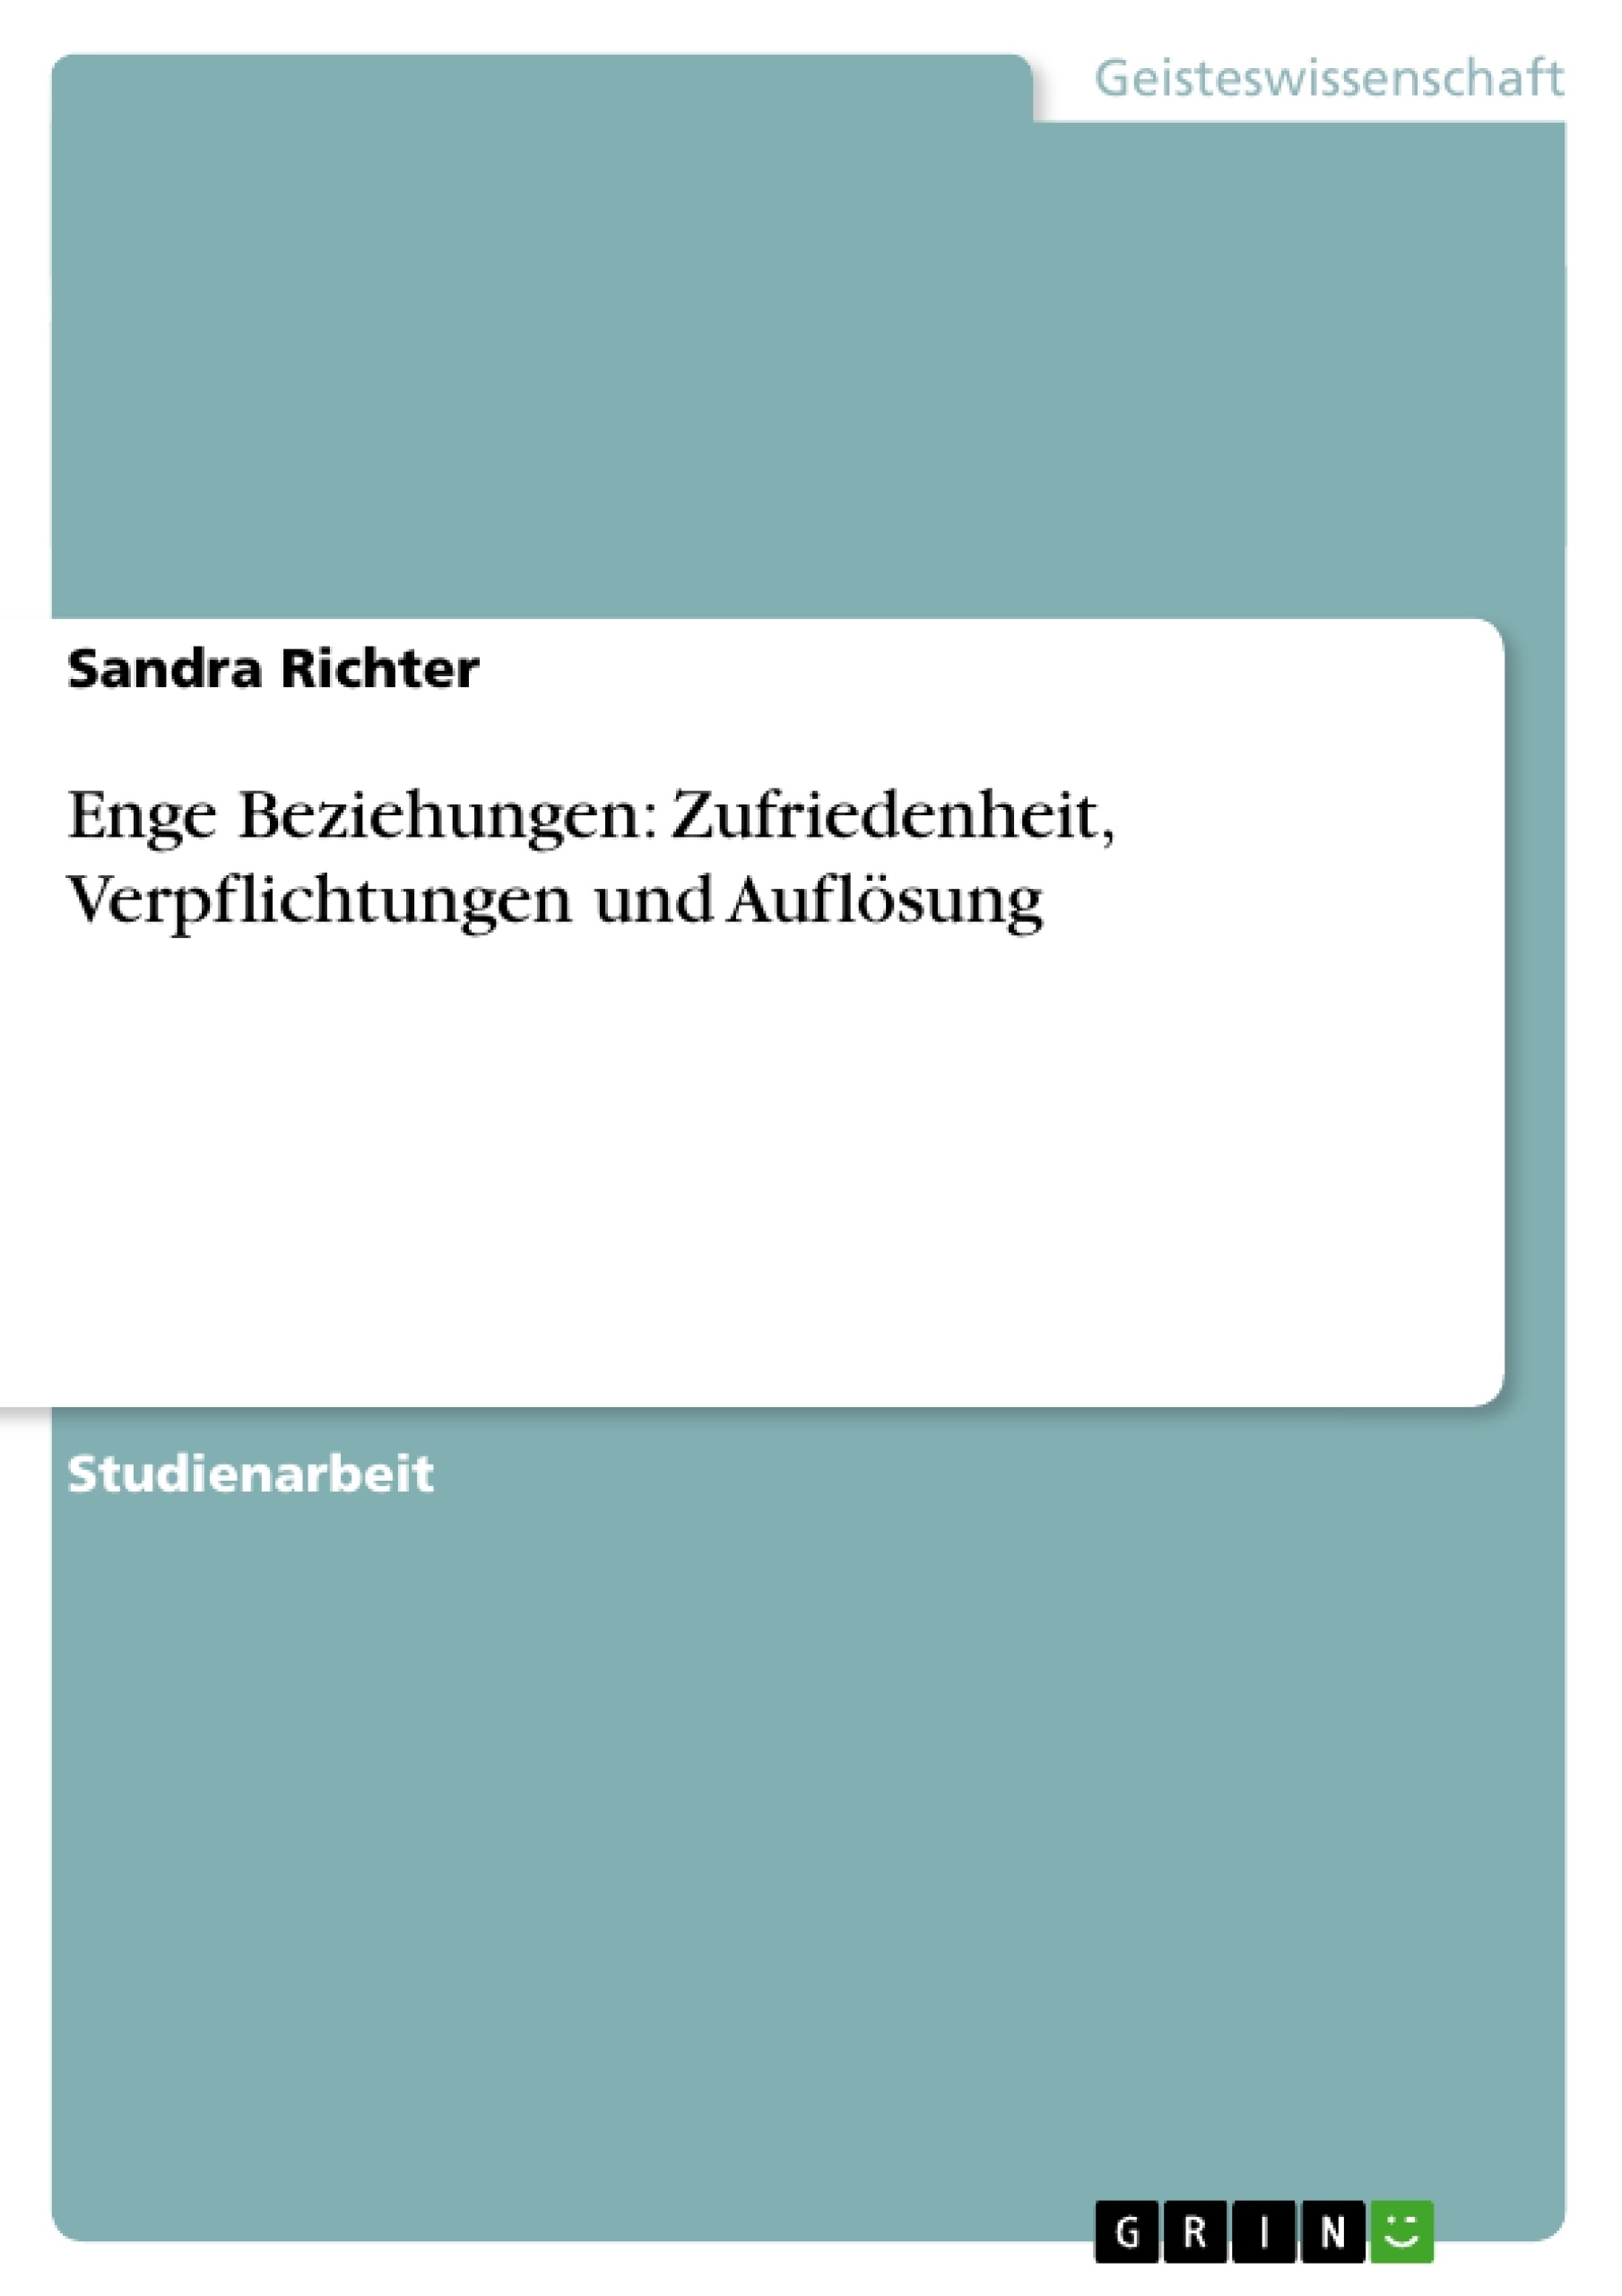 Titel: Enge Beziehungen: Zufriedenheit, Verpflichtungen und Auflösung